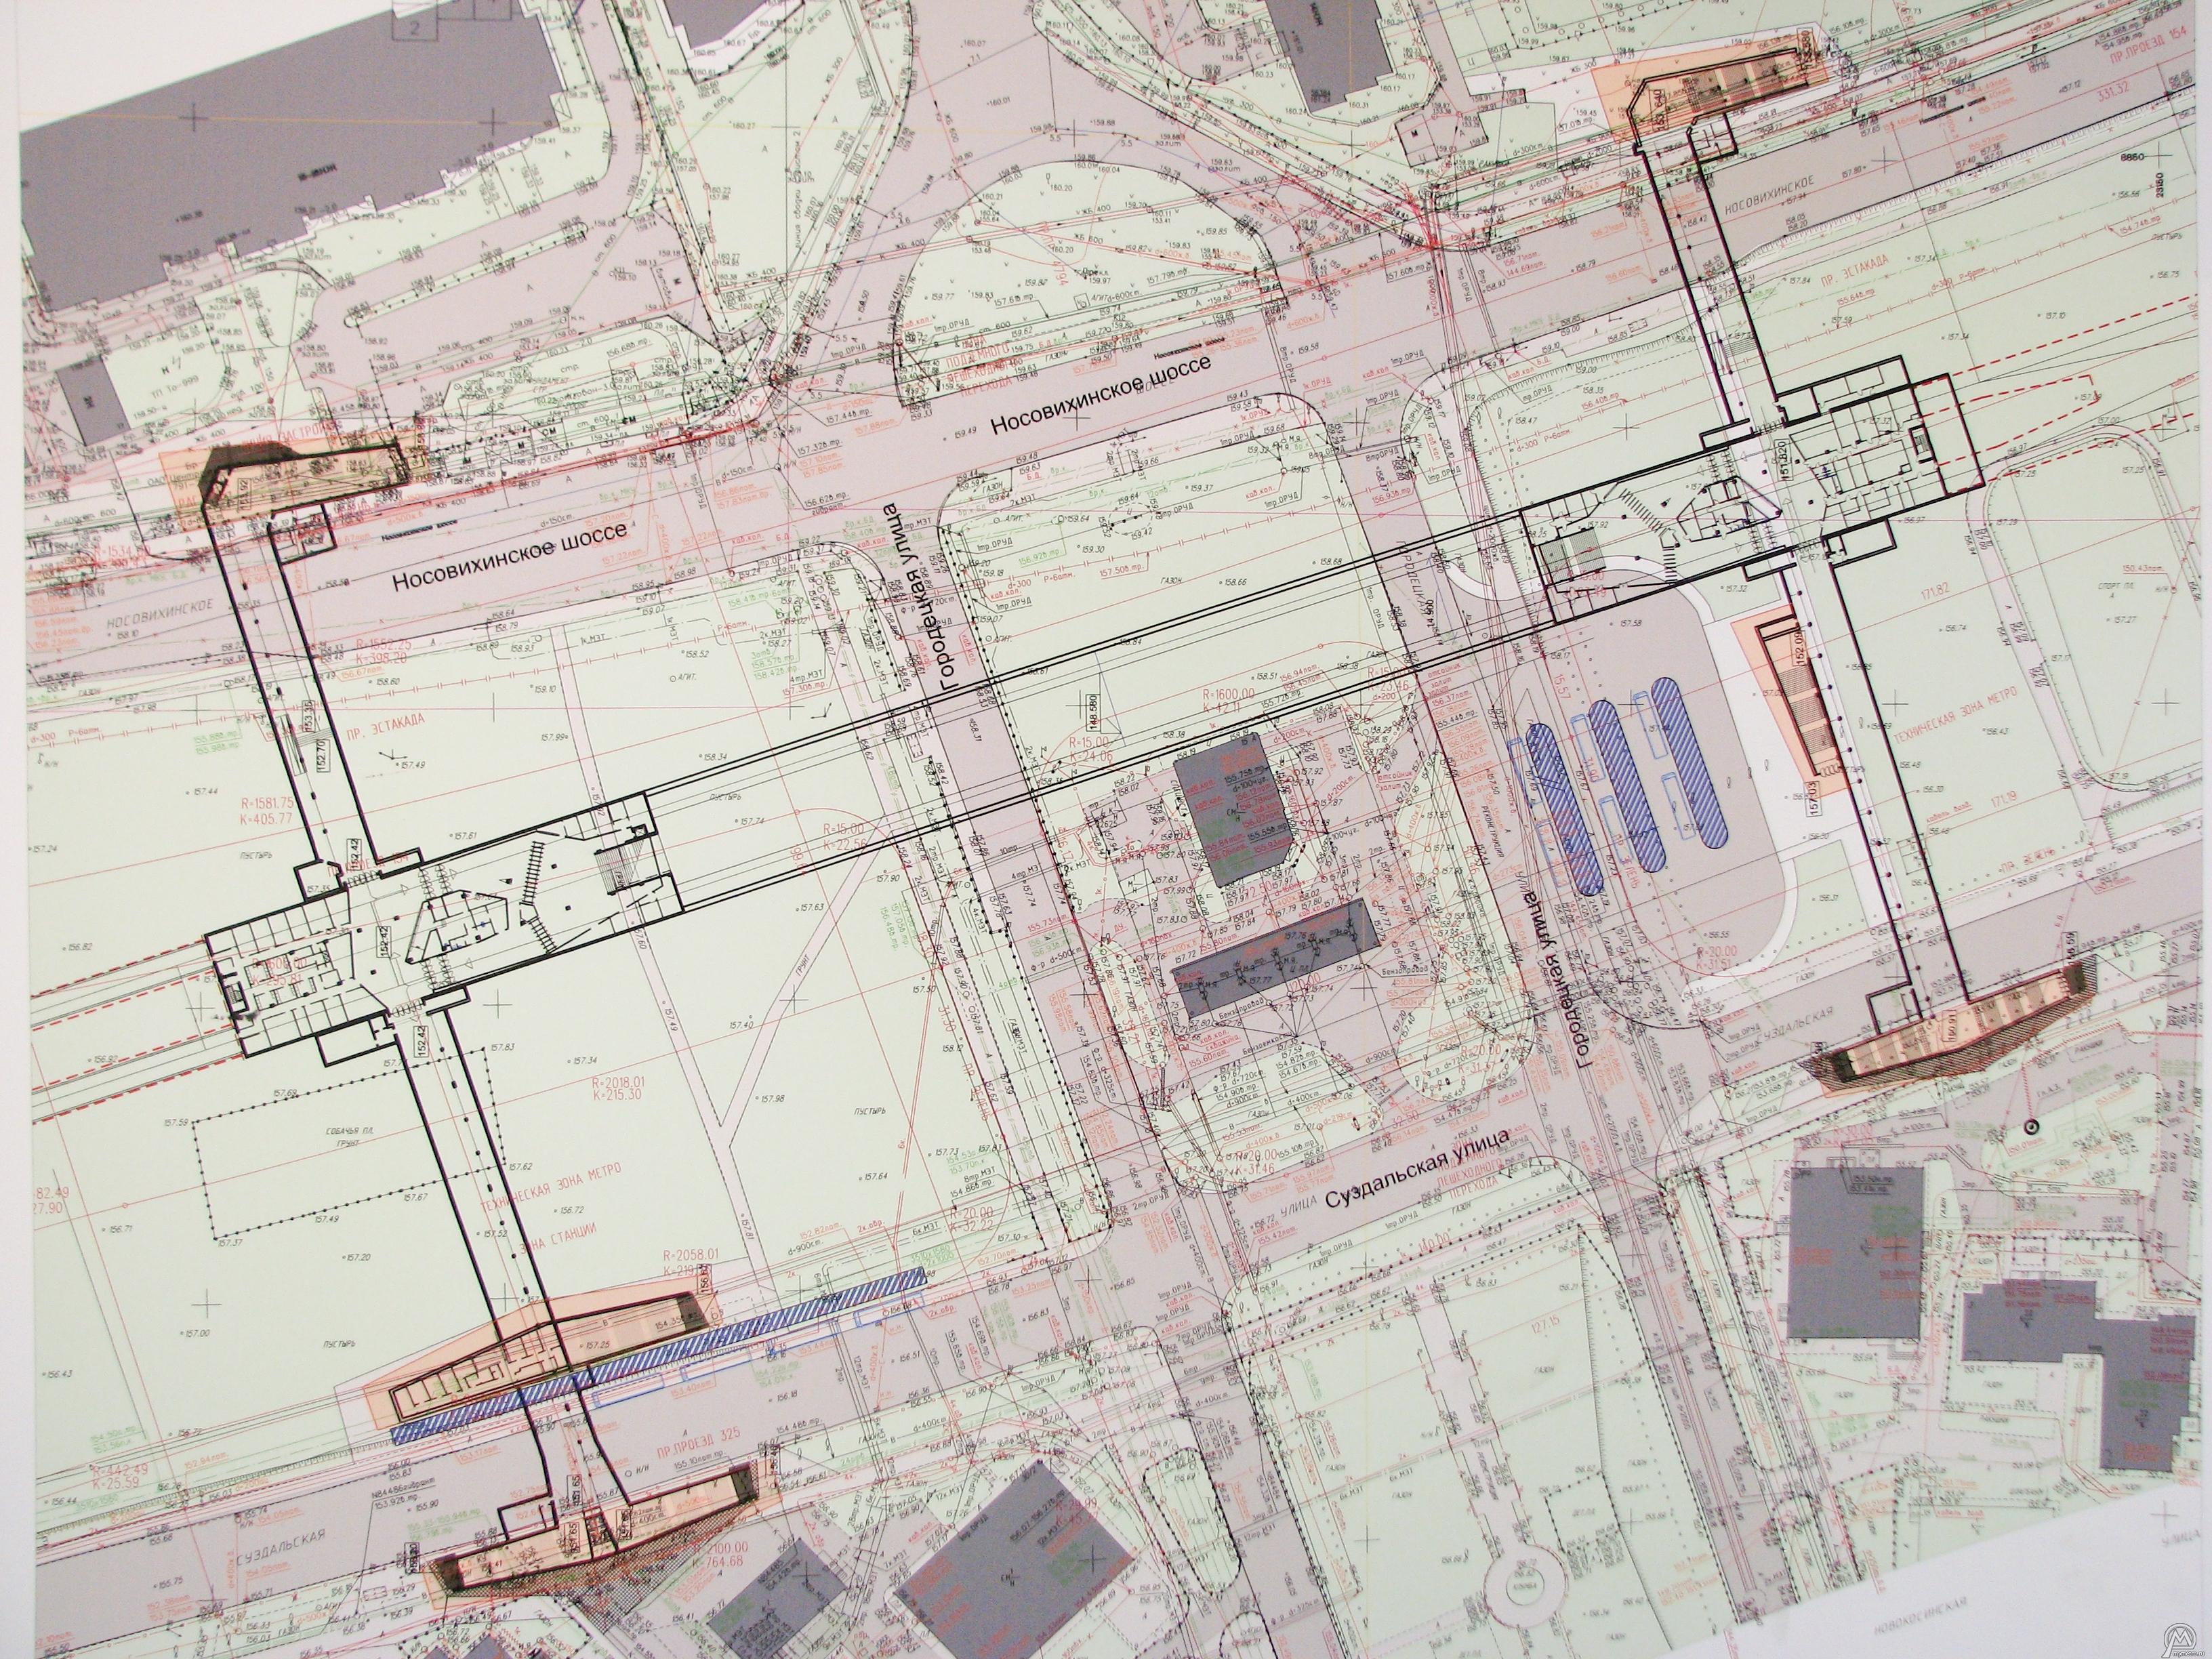 схема скоростного трамвая шоссе энтузиастов балашиха